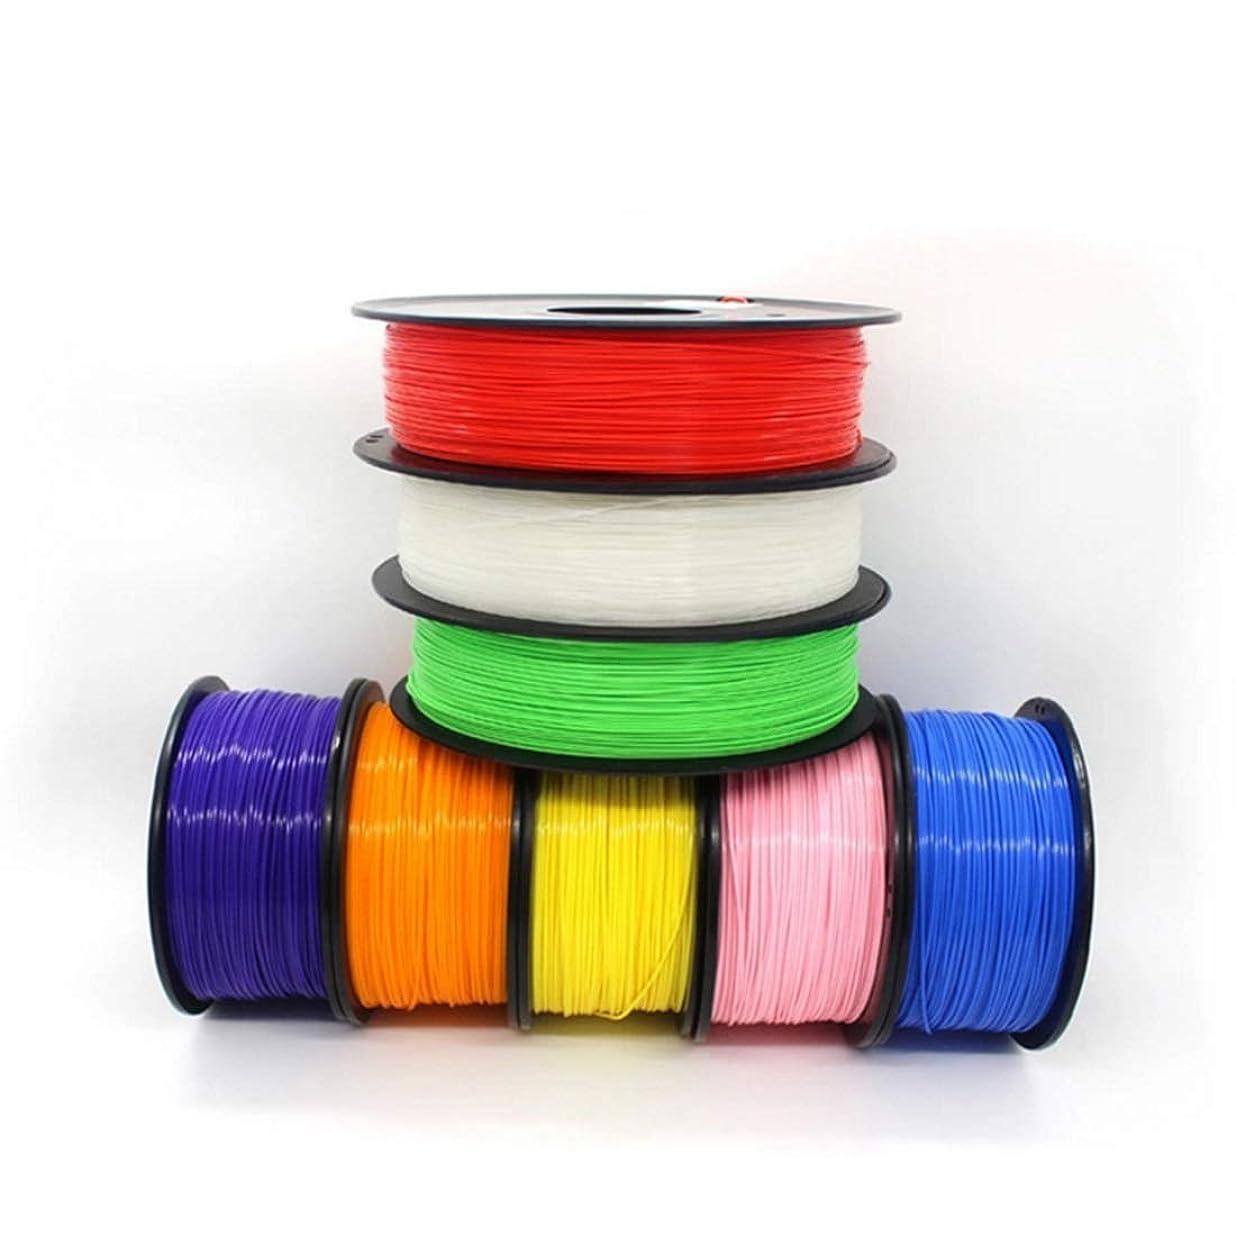 ジョセフバンクス塩フォルダXingyuan Technology 45色!PLA 3Dプリンターフィラメント 3Dプリントペンフィラメント 素材 フィラメント マテリアル PLA樹脂材料 無臭 1.75mm径 3.0mm 寸法精度+/-0.02mm 正味量1KG 殆どの3Dプリンターと3Dプリントペンが適用! (色 : Mint green)